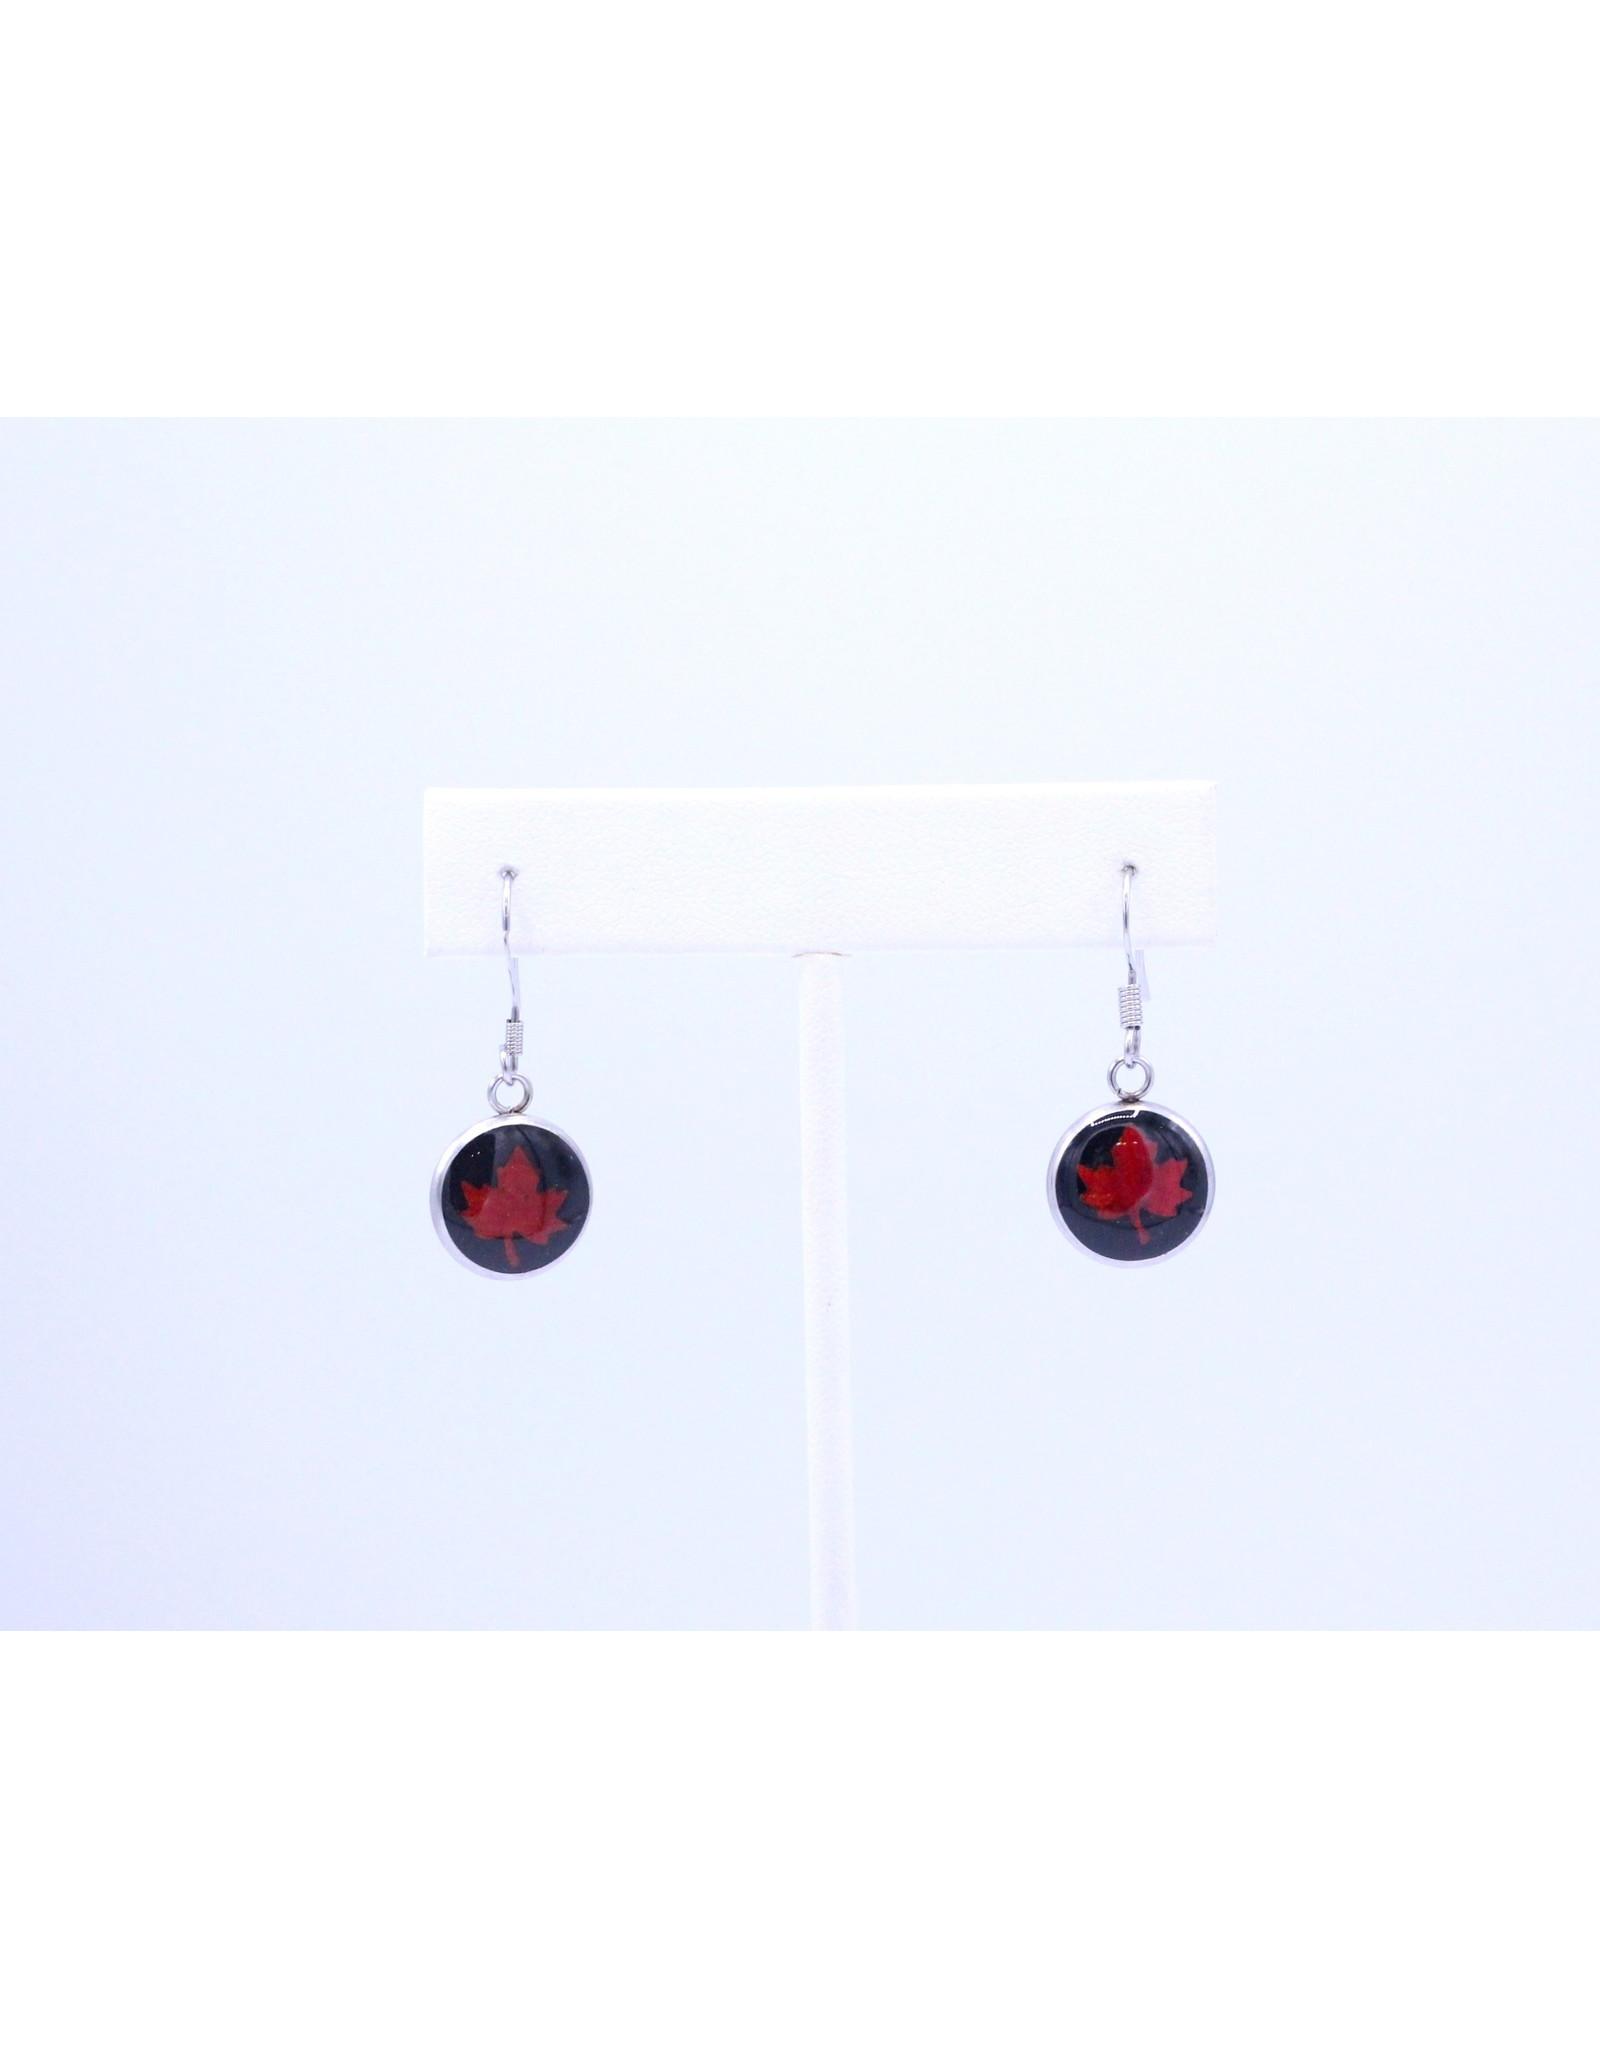 12mm Drop Maple Leaf Earrings Black - J12DMLB2